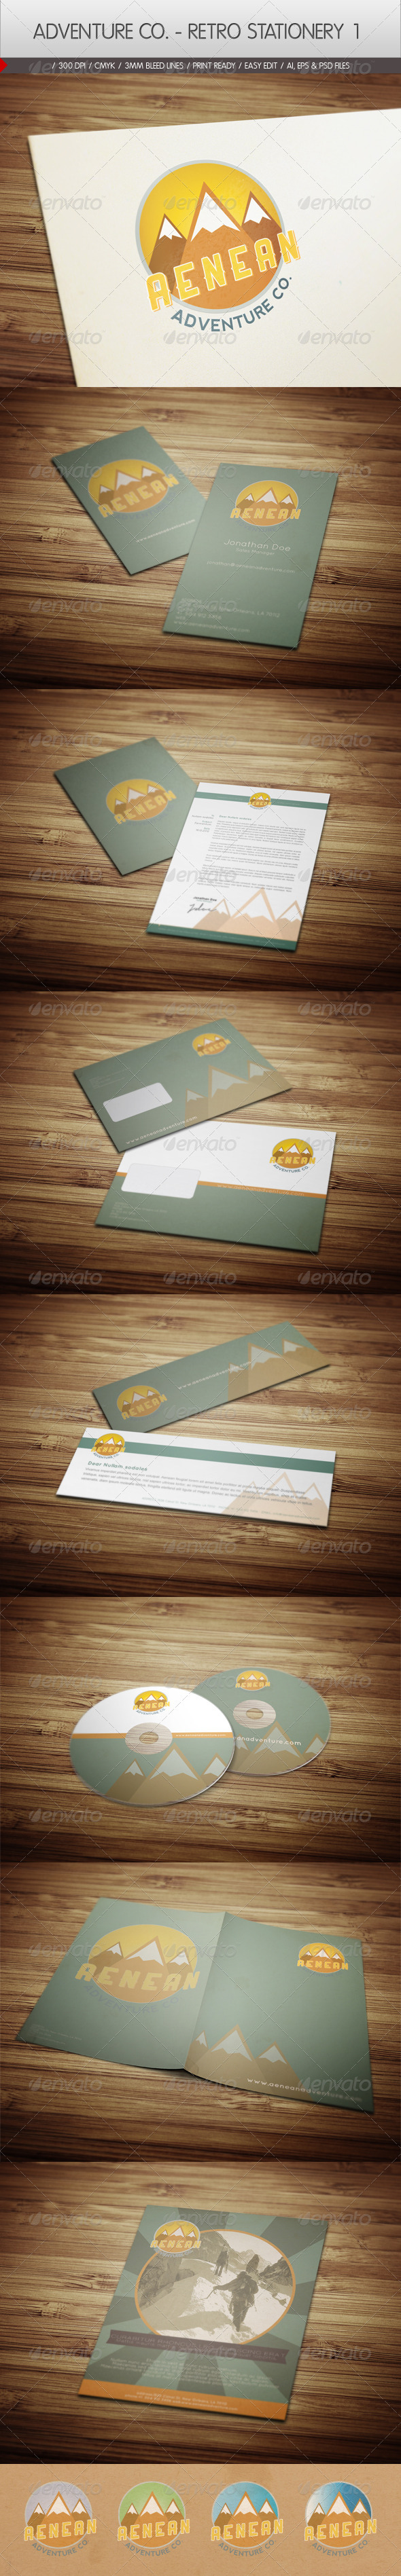 GraphicRiver Adventure Co Retro Stationery 1 2446453